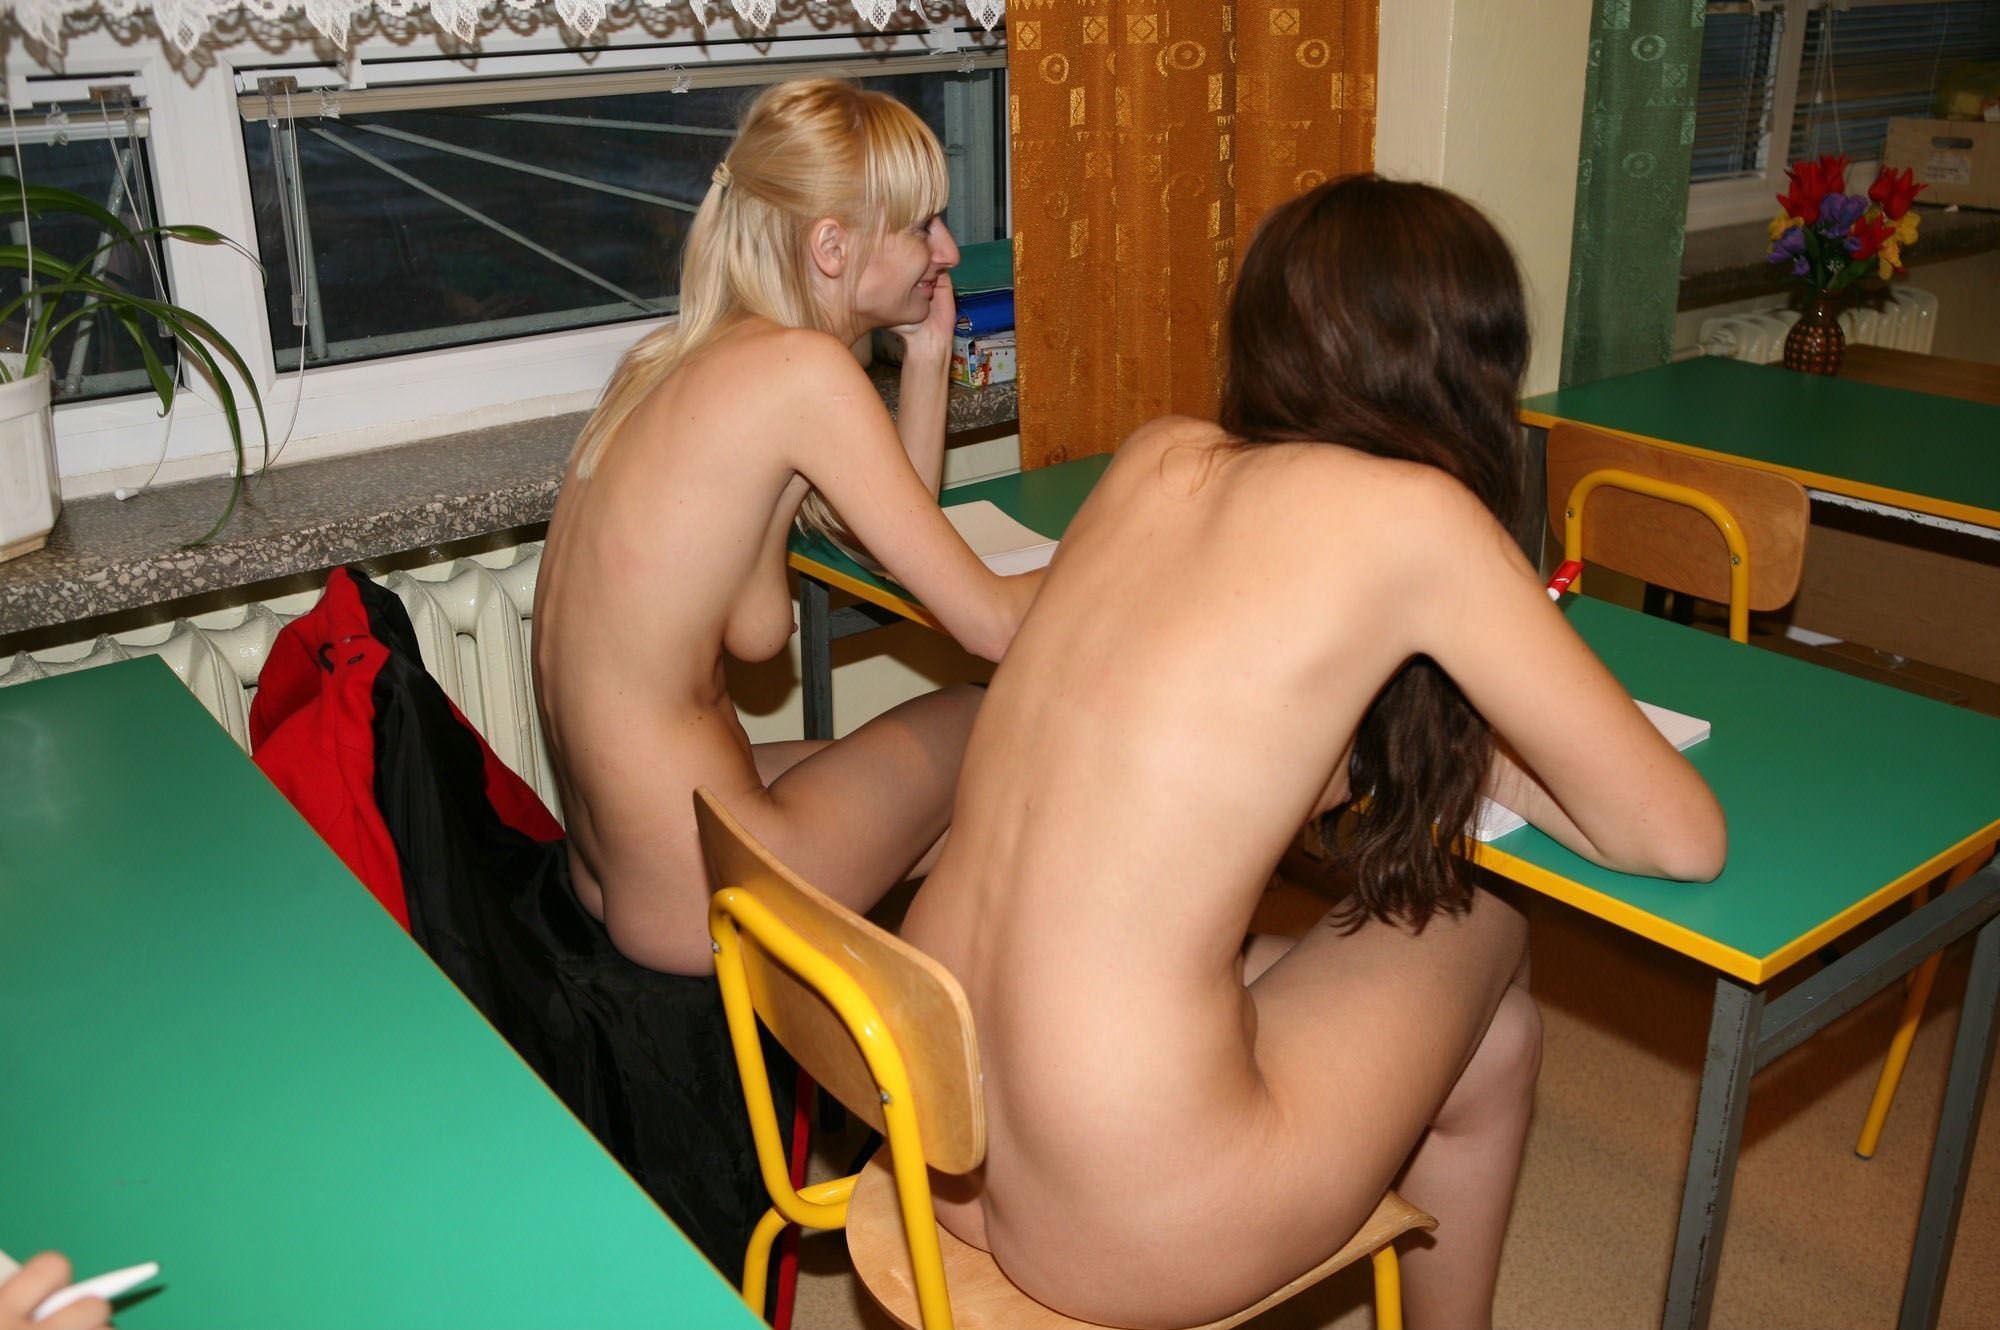 【外人】素っ裸のオールヌードで授業を受けるクラスのおふざけポルノ画像 4305